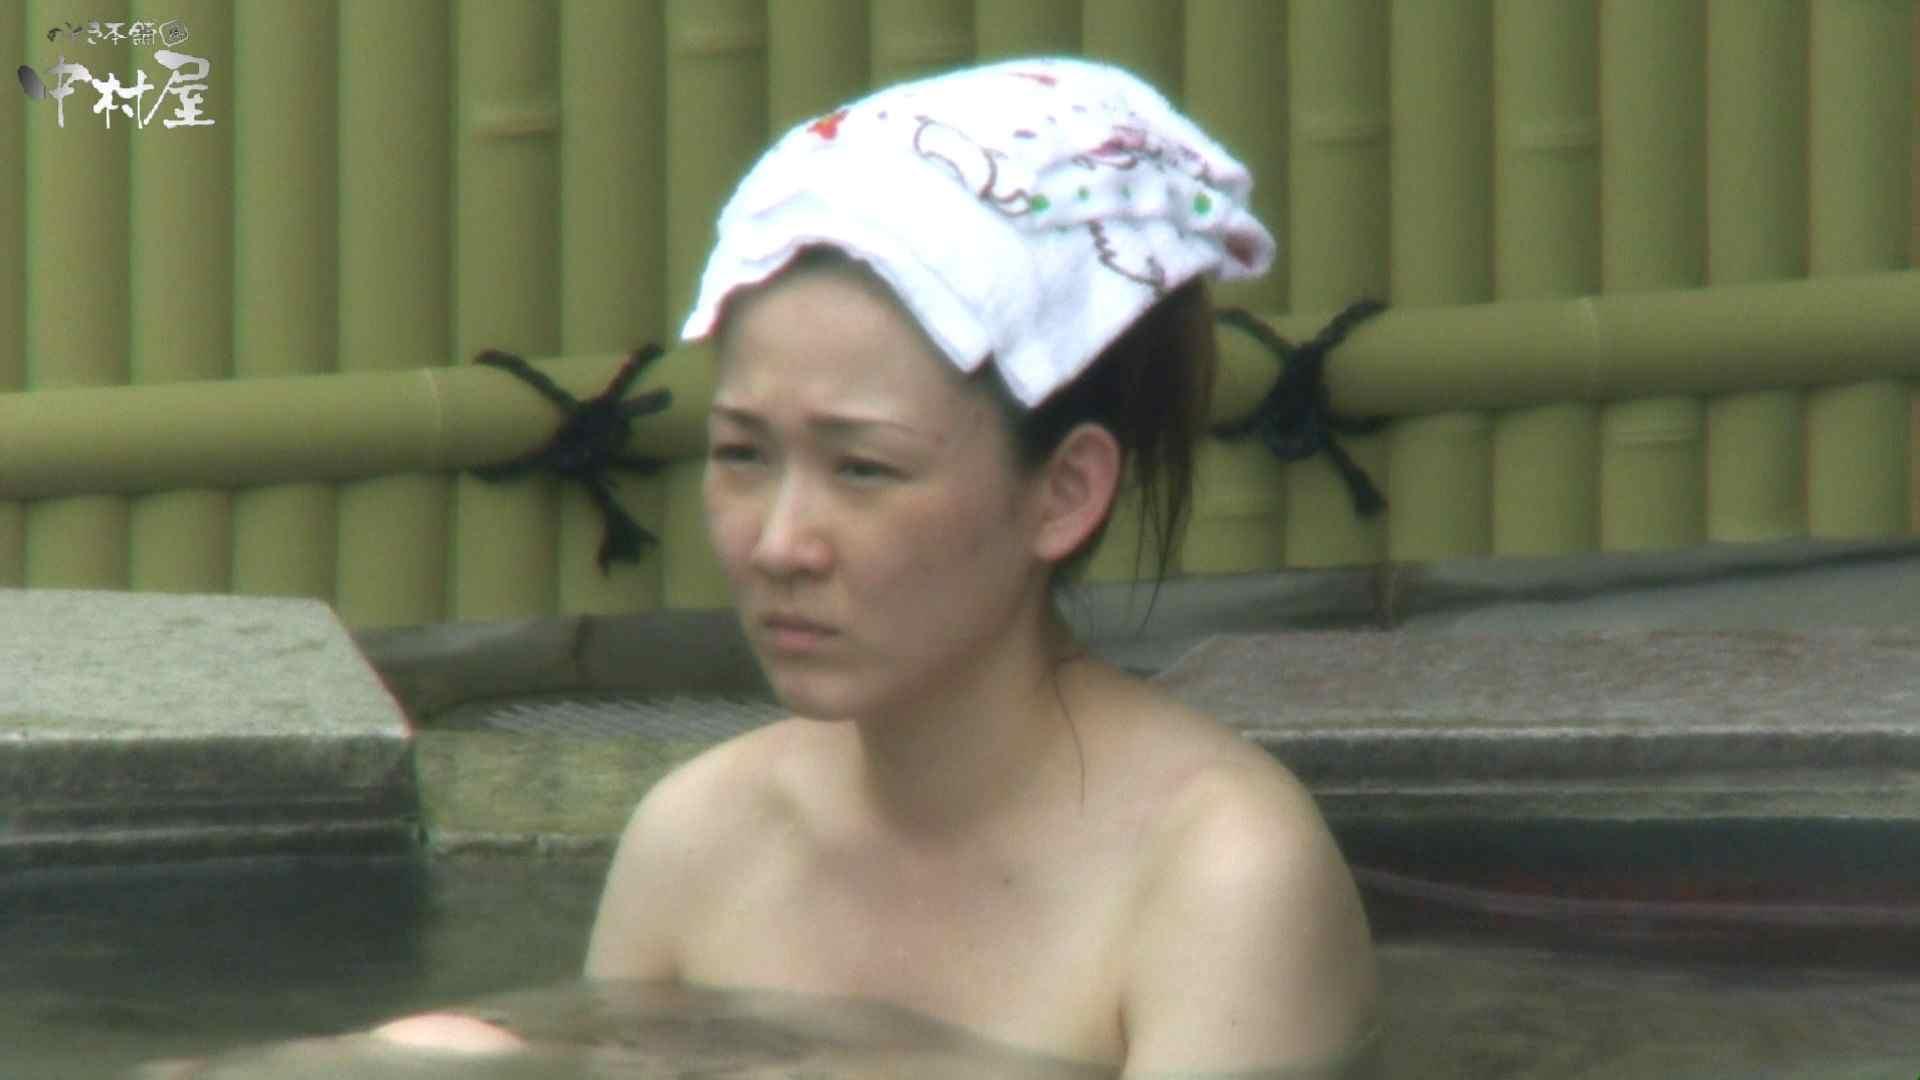 Aquaな露天風呂Vol.943 盗撮   OLのエロ生活  53連発 10